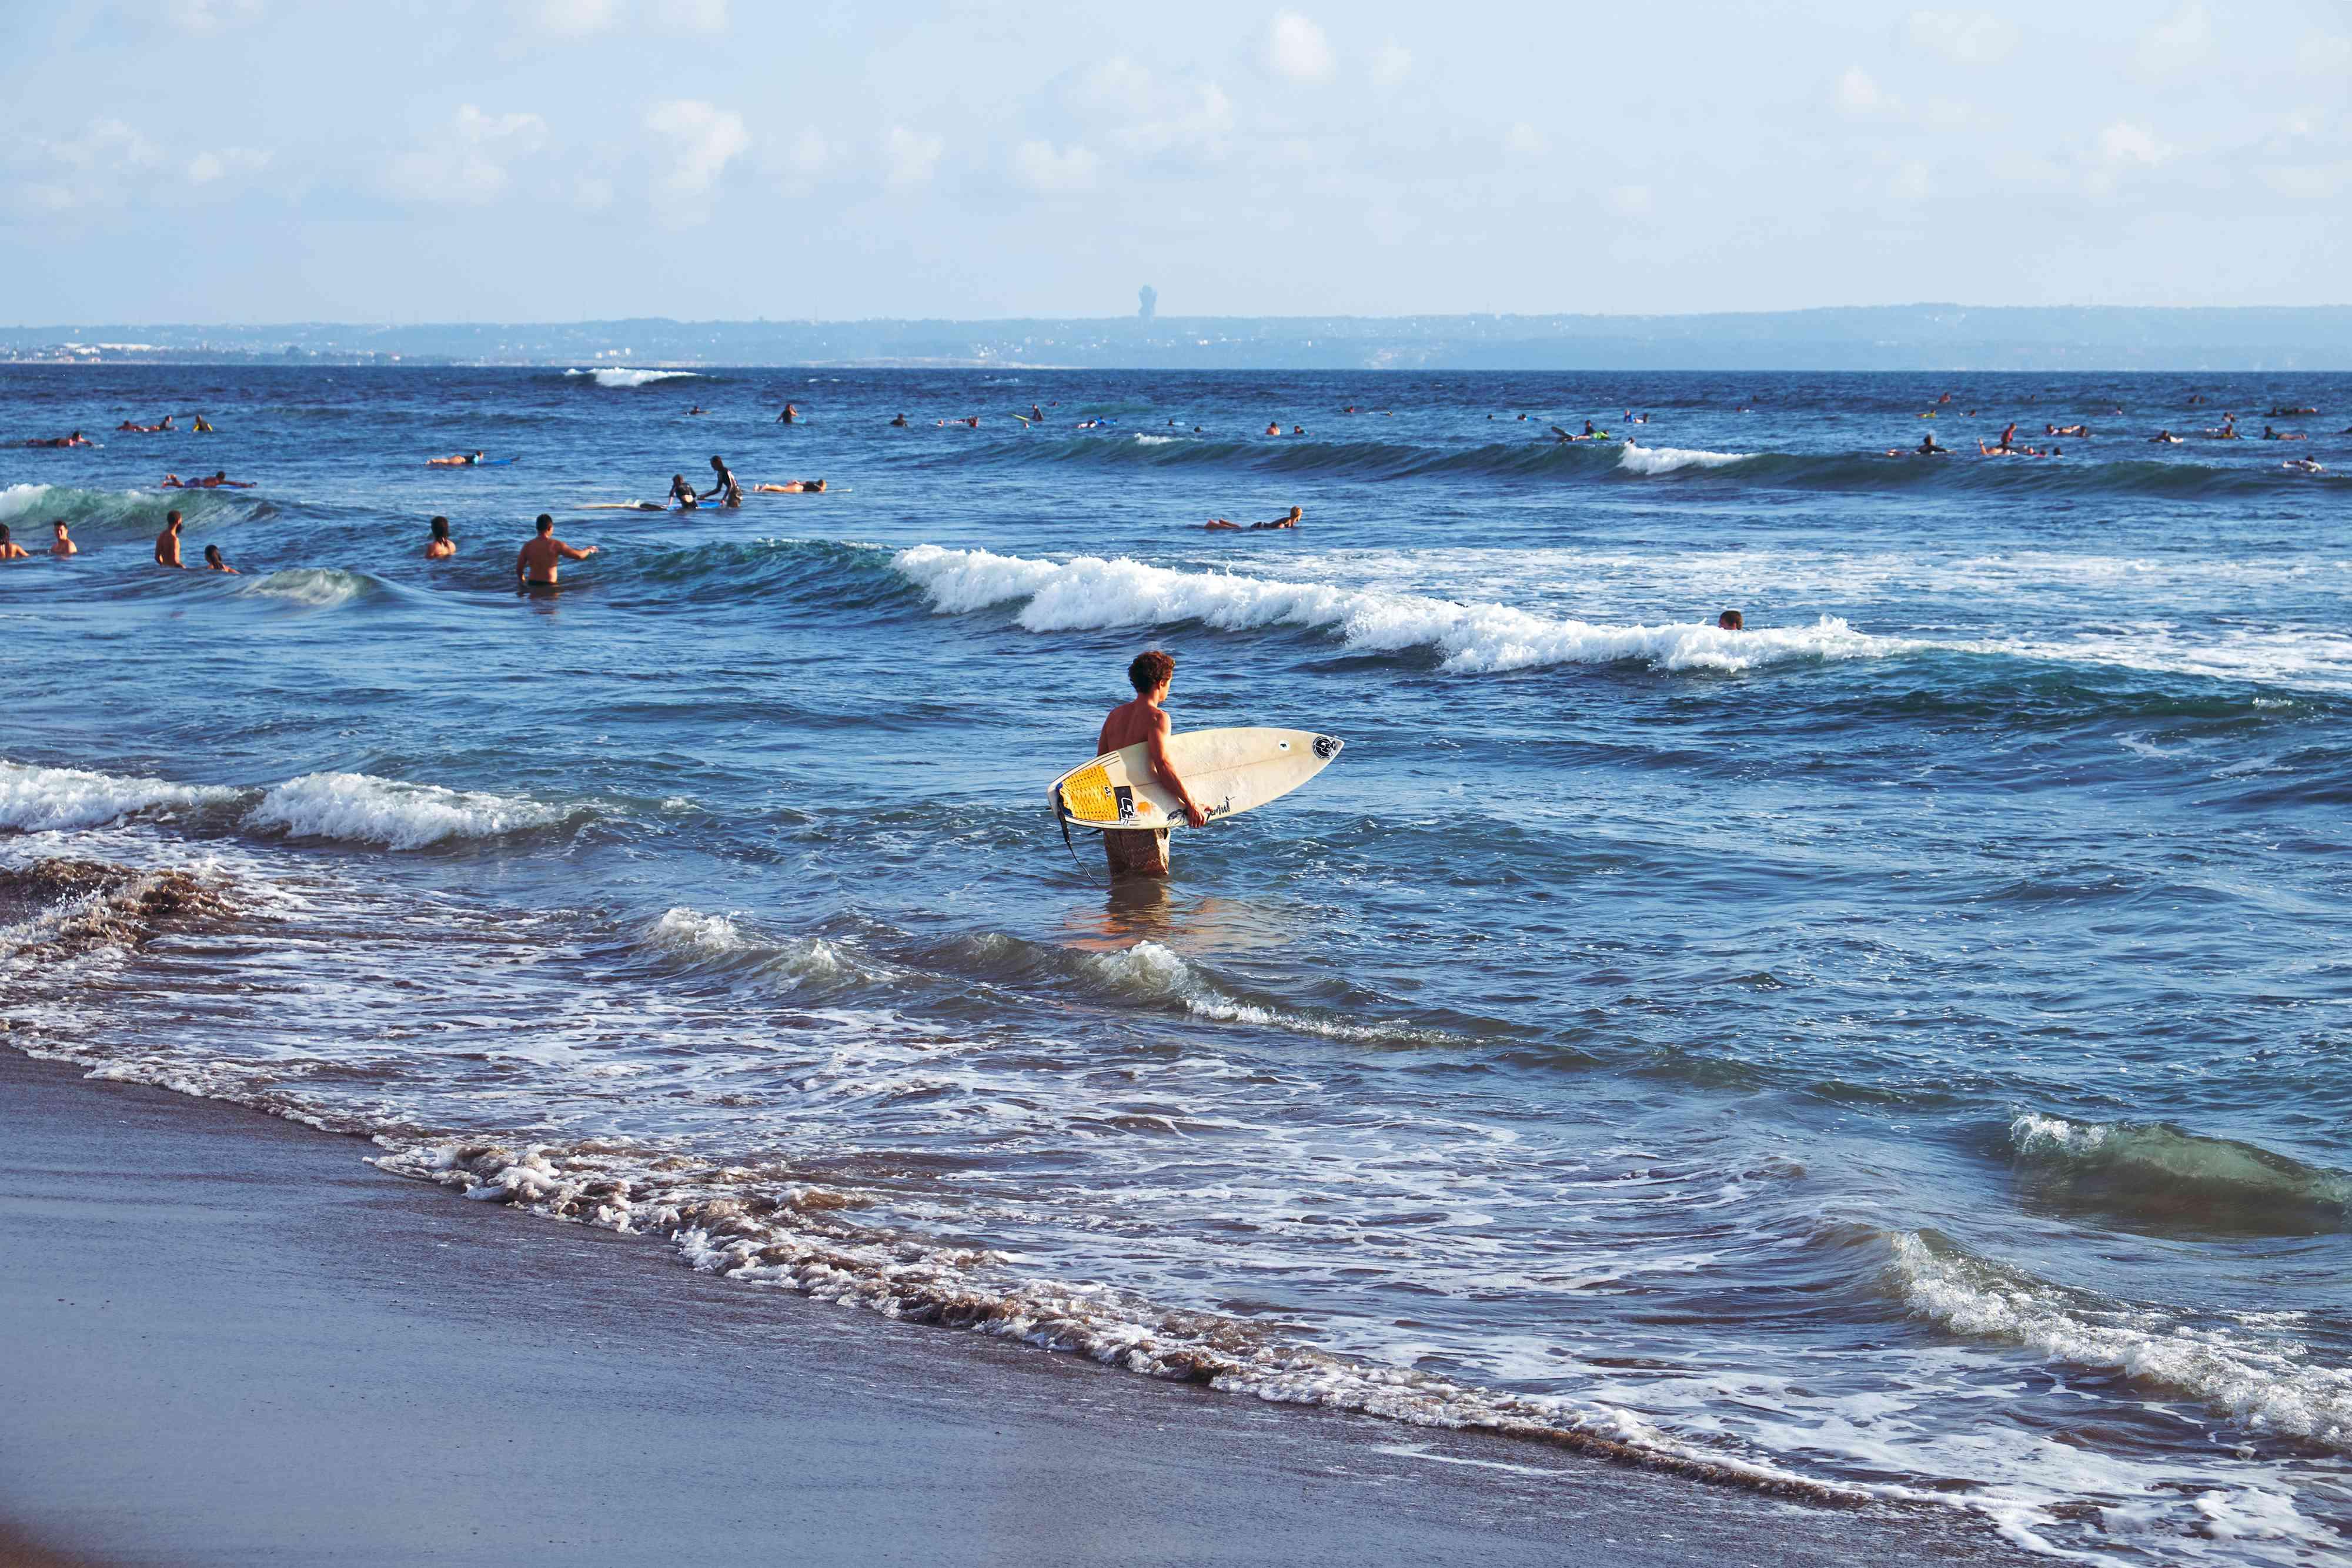 People surfing in the ocean. ??li, Indonesia